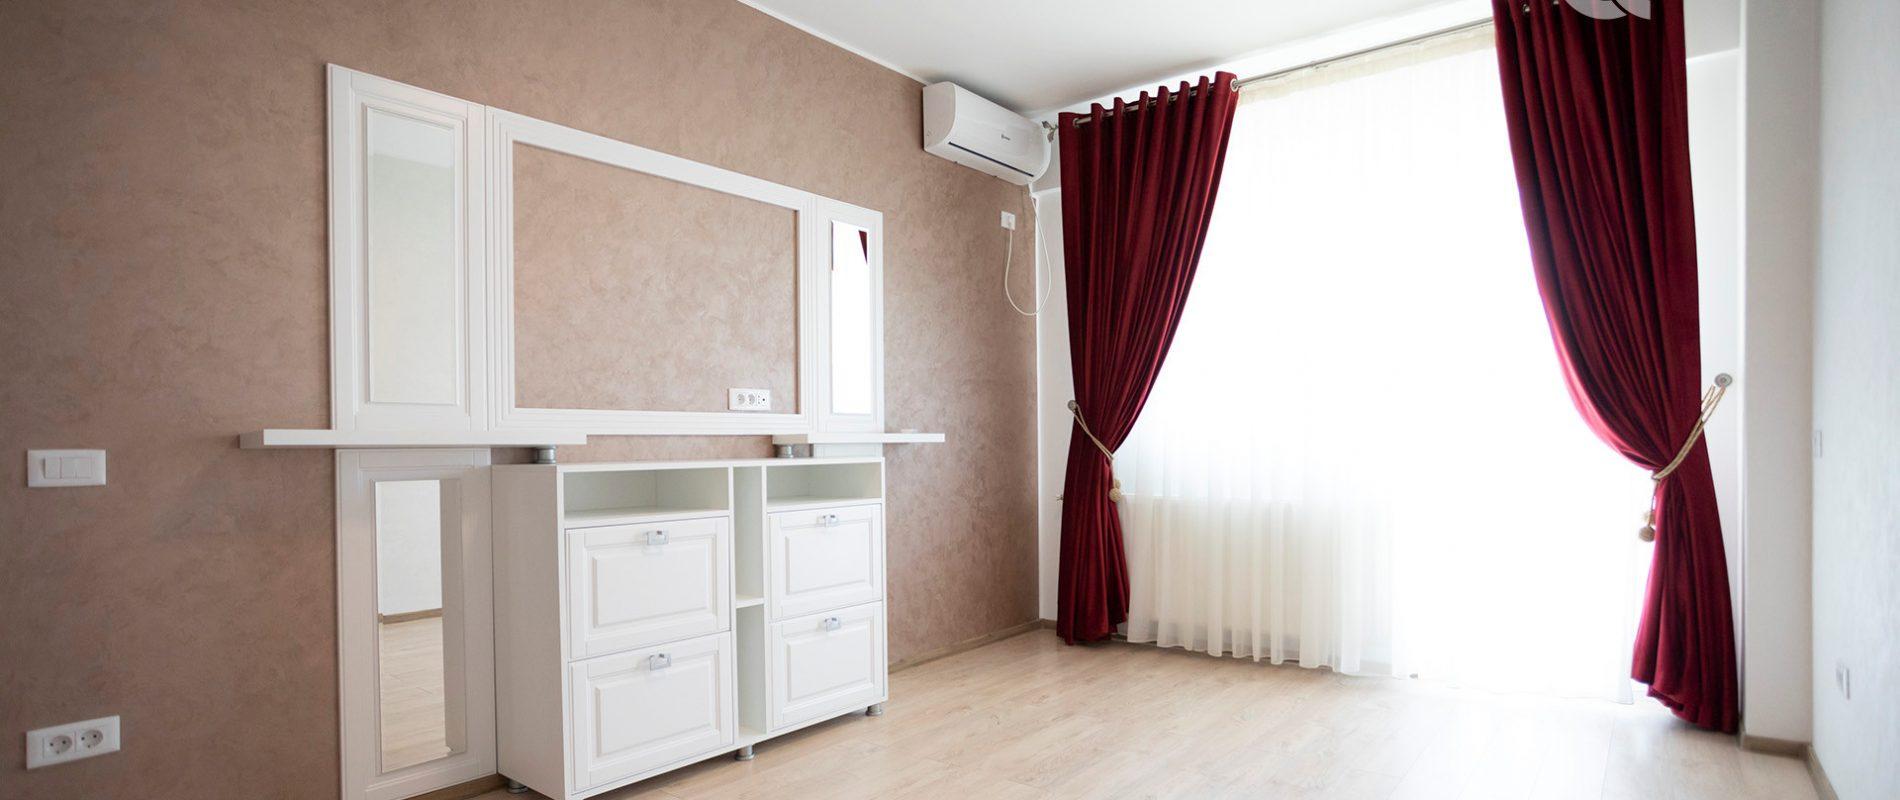 q-residence.ro-apartament-cu-o-camera-mobilier-clasic-camera-04